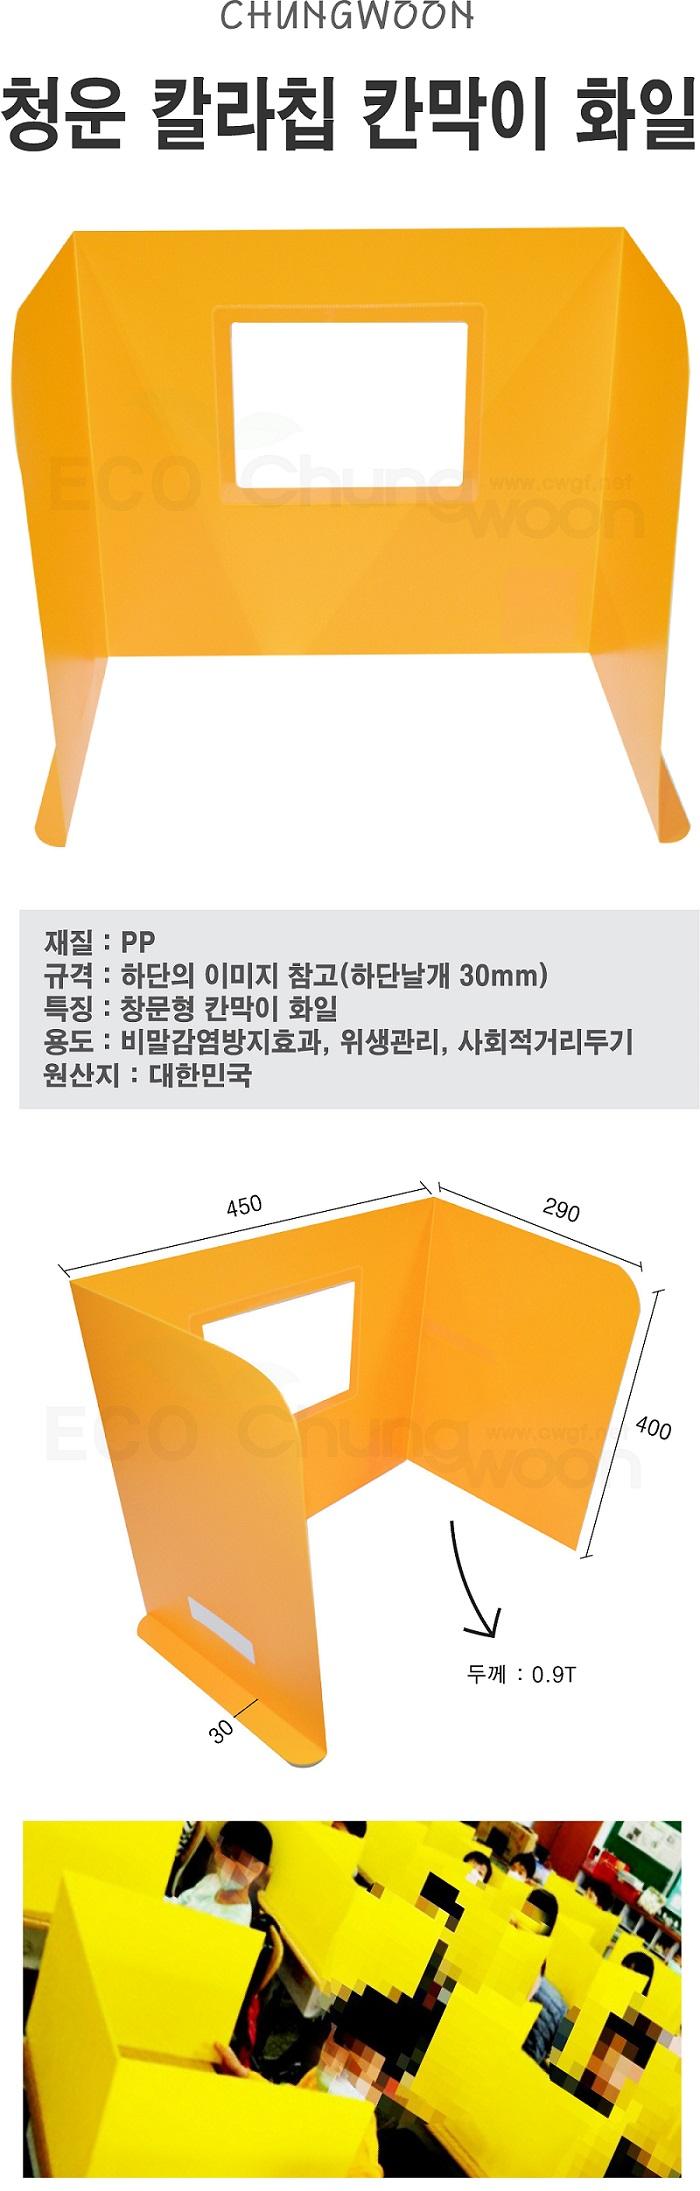 칼라칩 칸막이 화일 - 에코청운, 4,000원, 파일/클립보드, 클리어화일